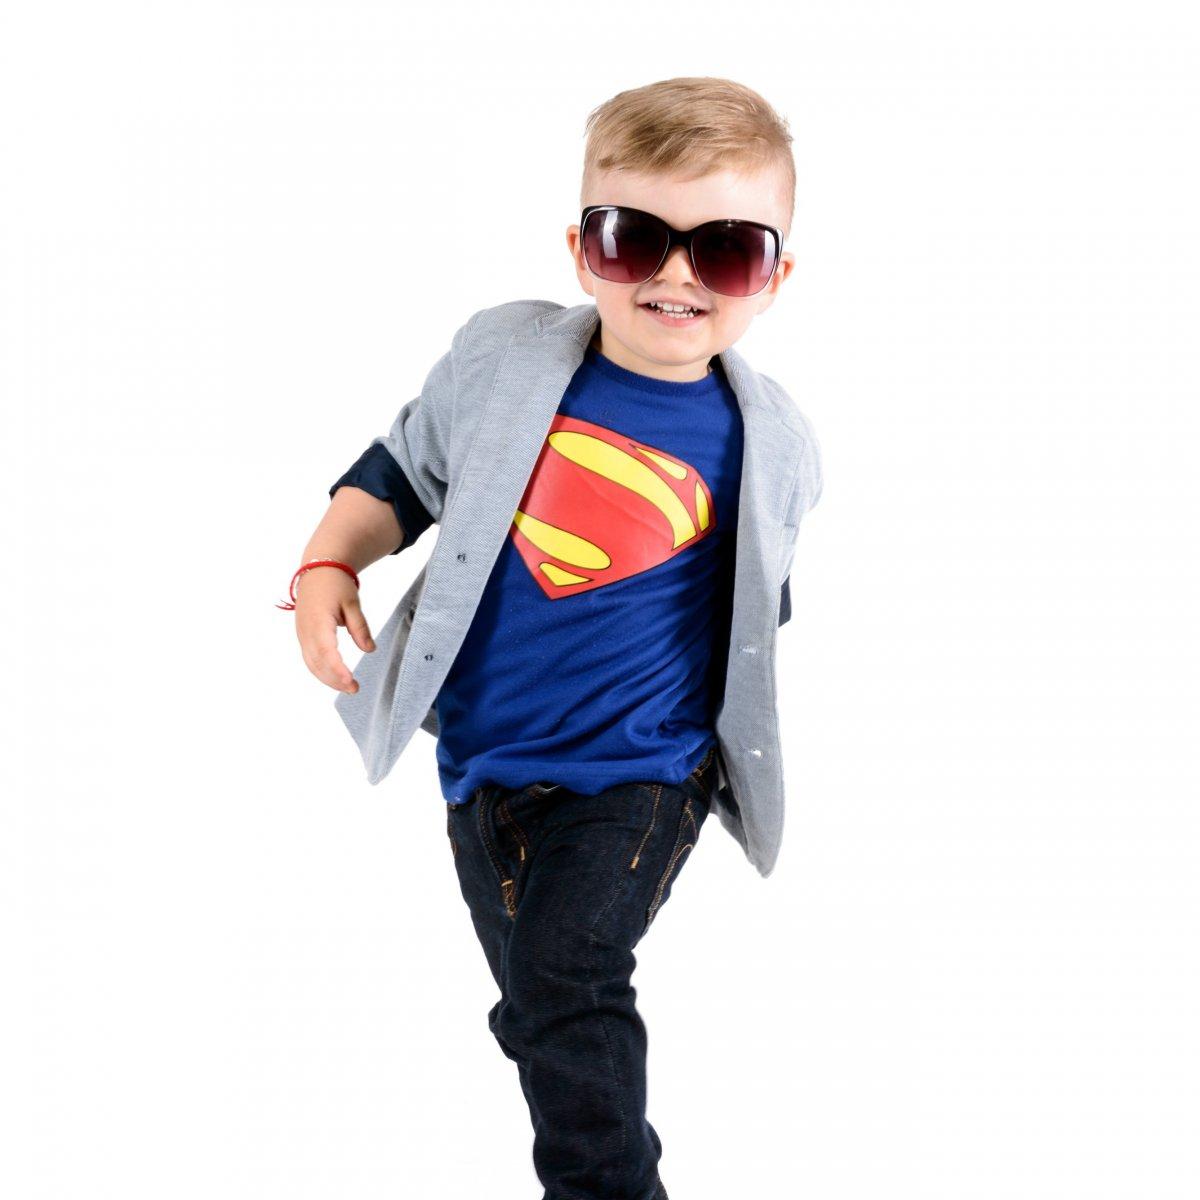 Kind mit Superman T-Shirt und Sonnenbrille.